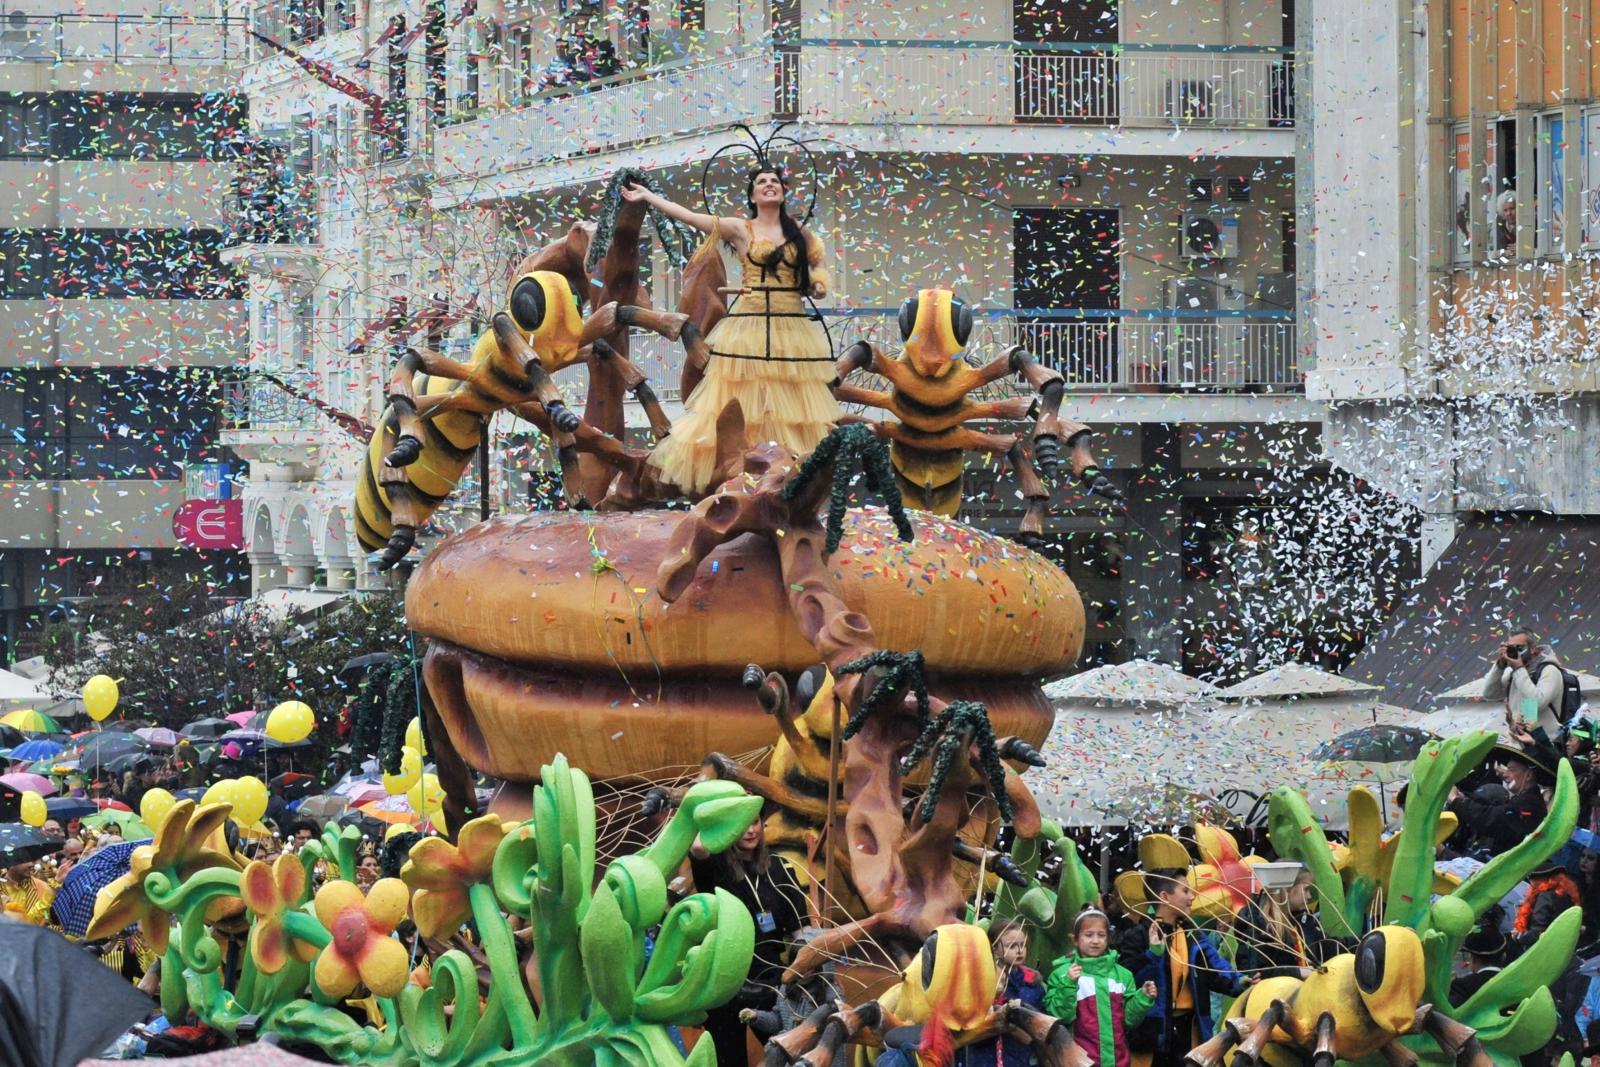 Parada Karnawałowa w Patras, Grecja.